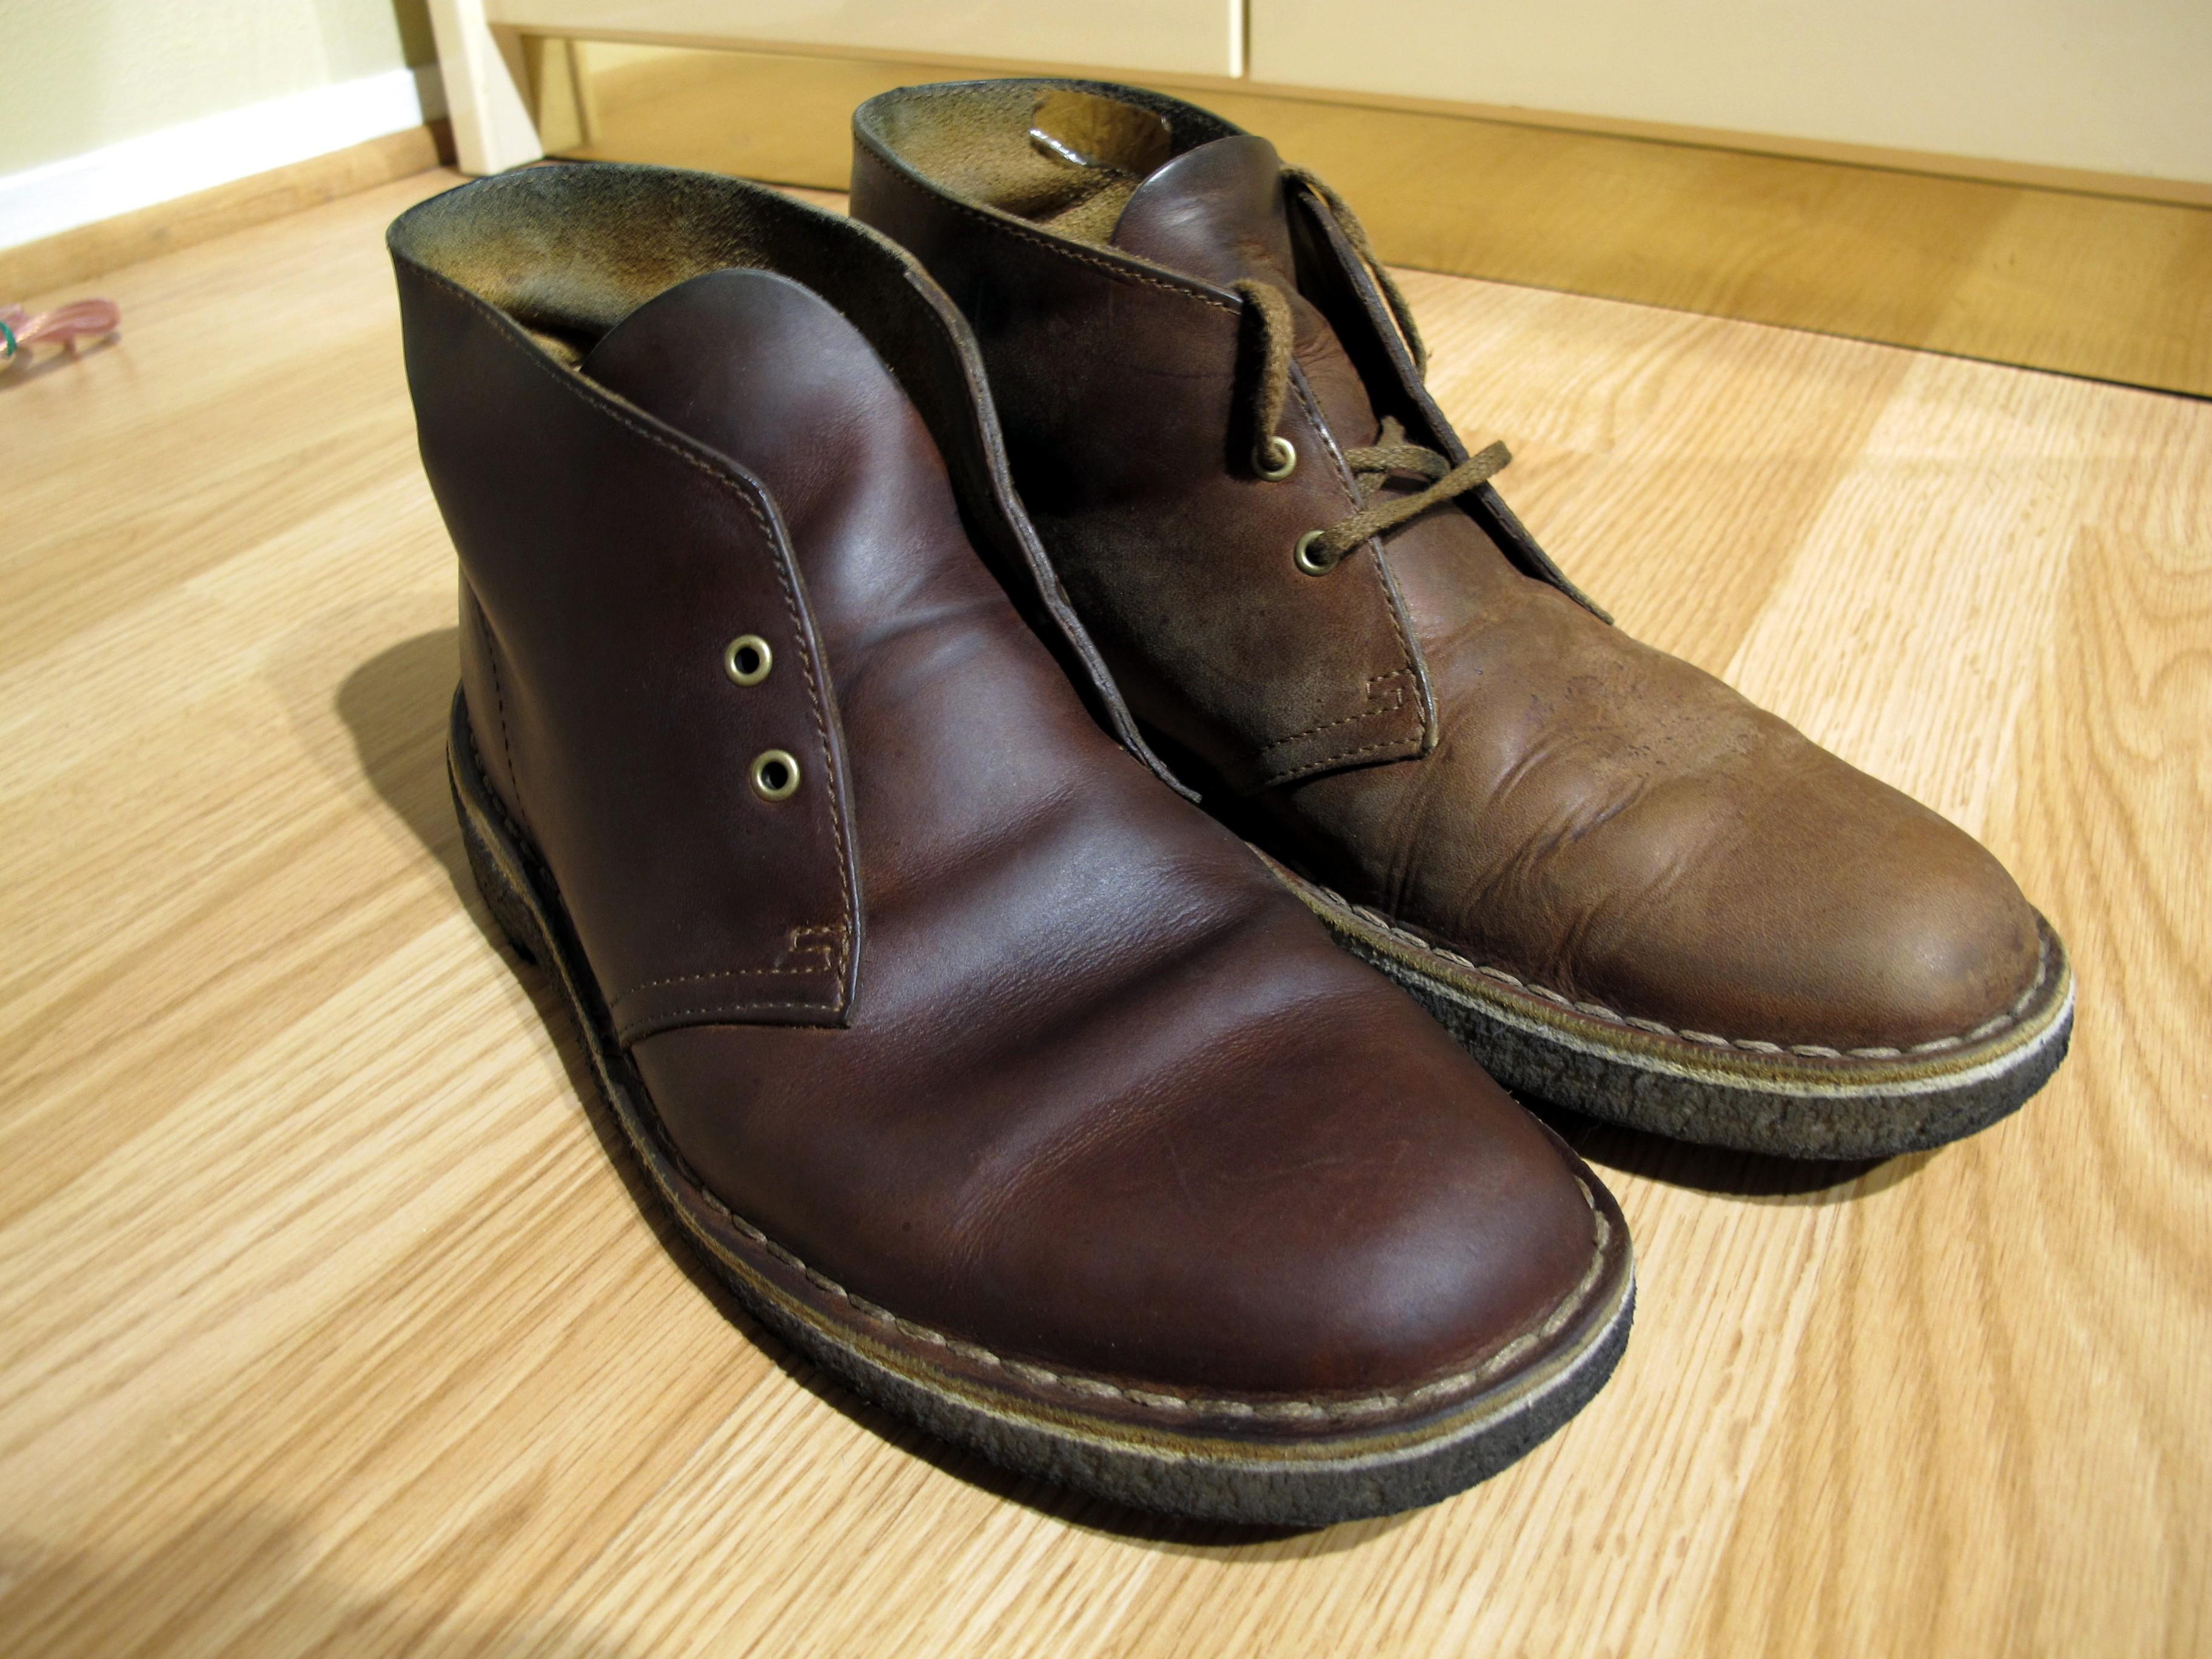 Clarks Desert Boots Page 415 Styleforum